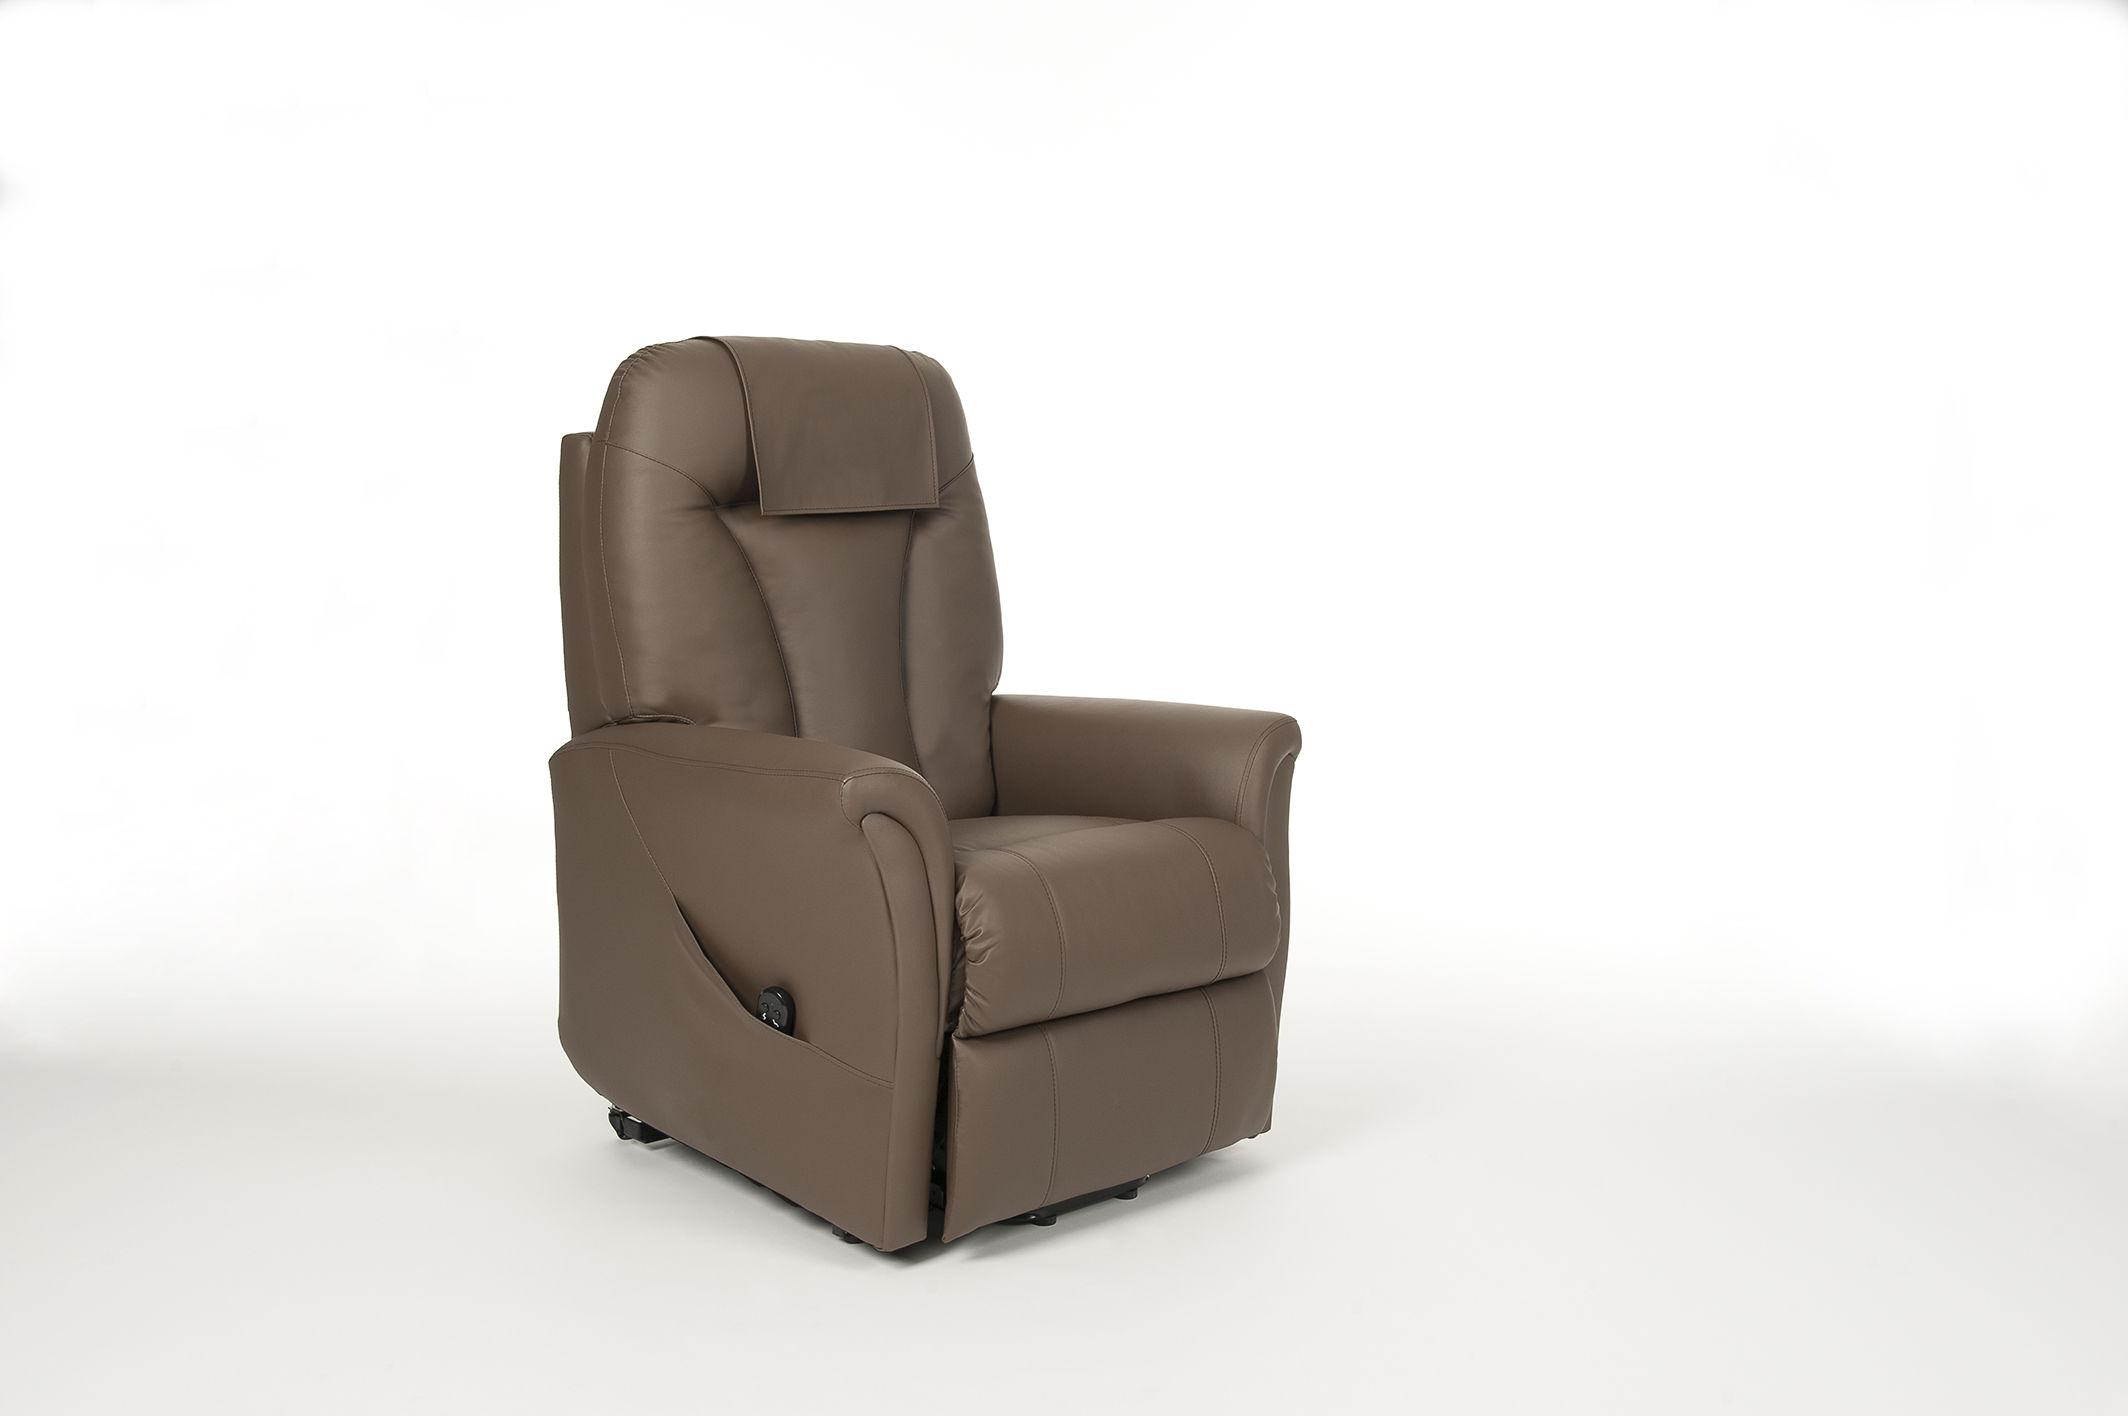 Fotel geriatryczny MONTREAL